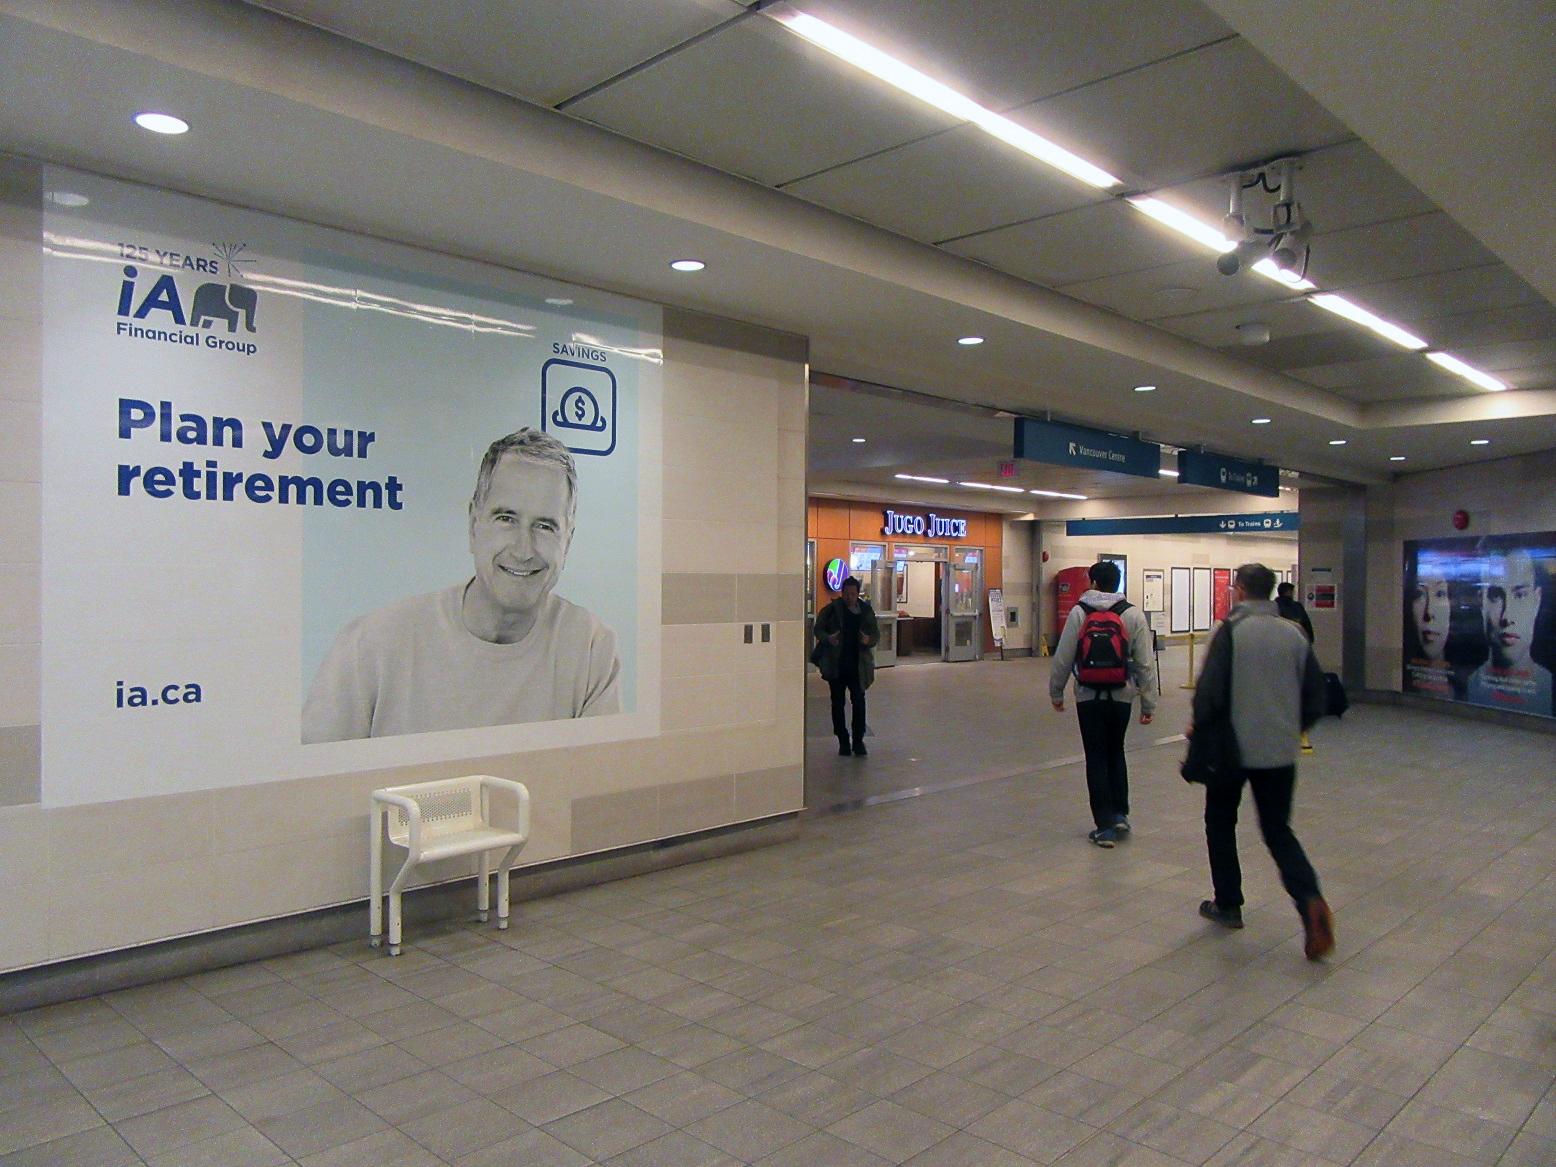 Affichage / Quai de métro / Vancouver